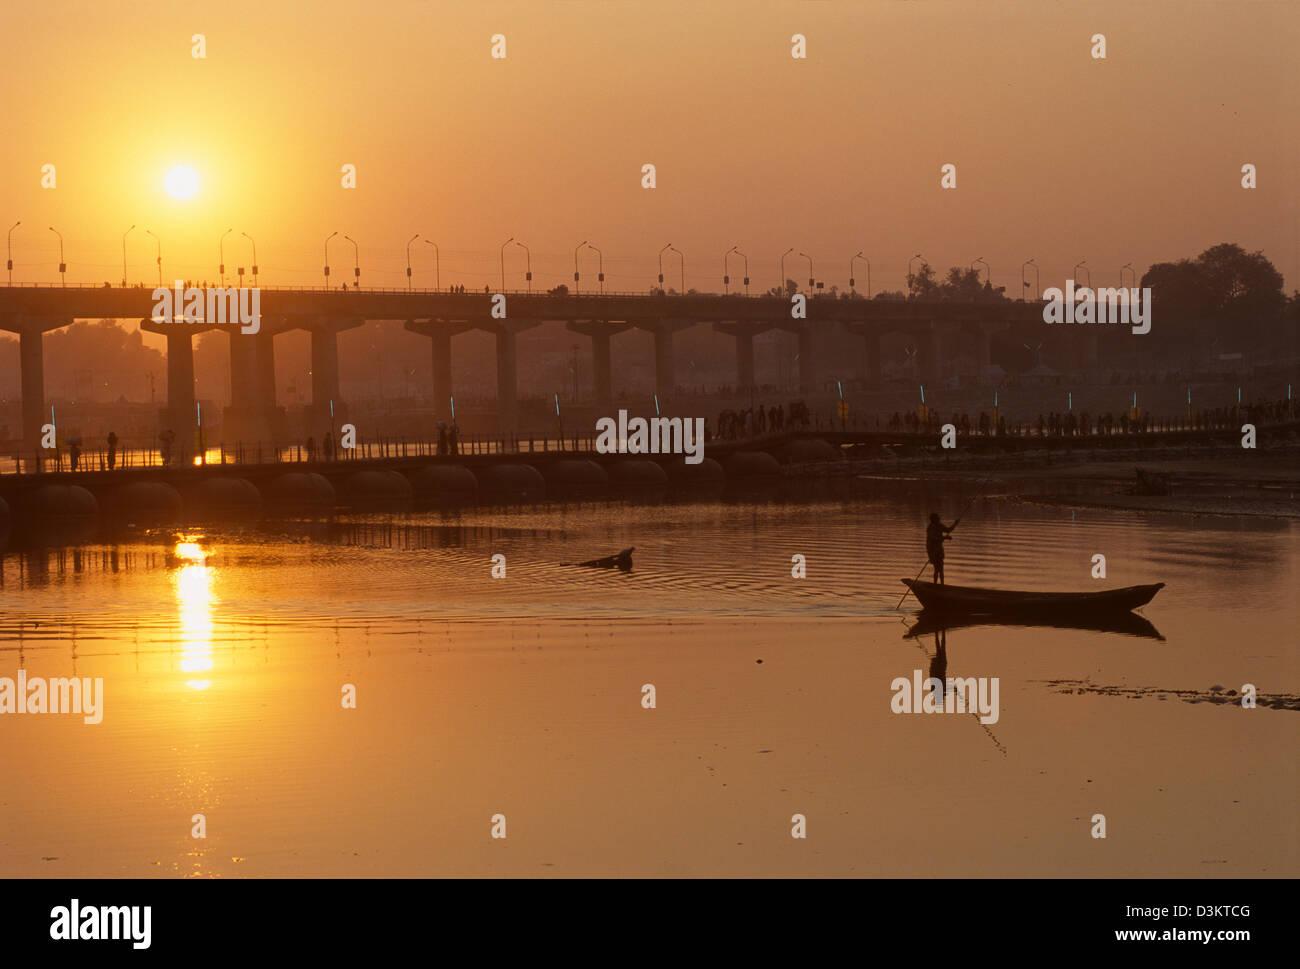 Imbarcazione essendo polarizzate passato la Grand Trunk Road bridge al tramonto, Maha Kumbh Mela 2001, Allahabad, Uttar Pradesh, India Foto Stock